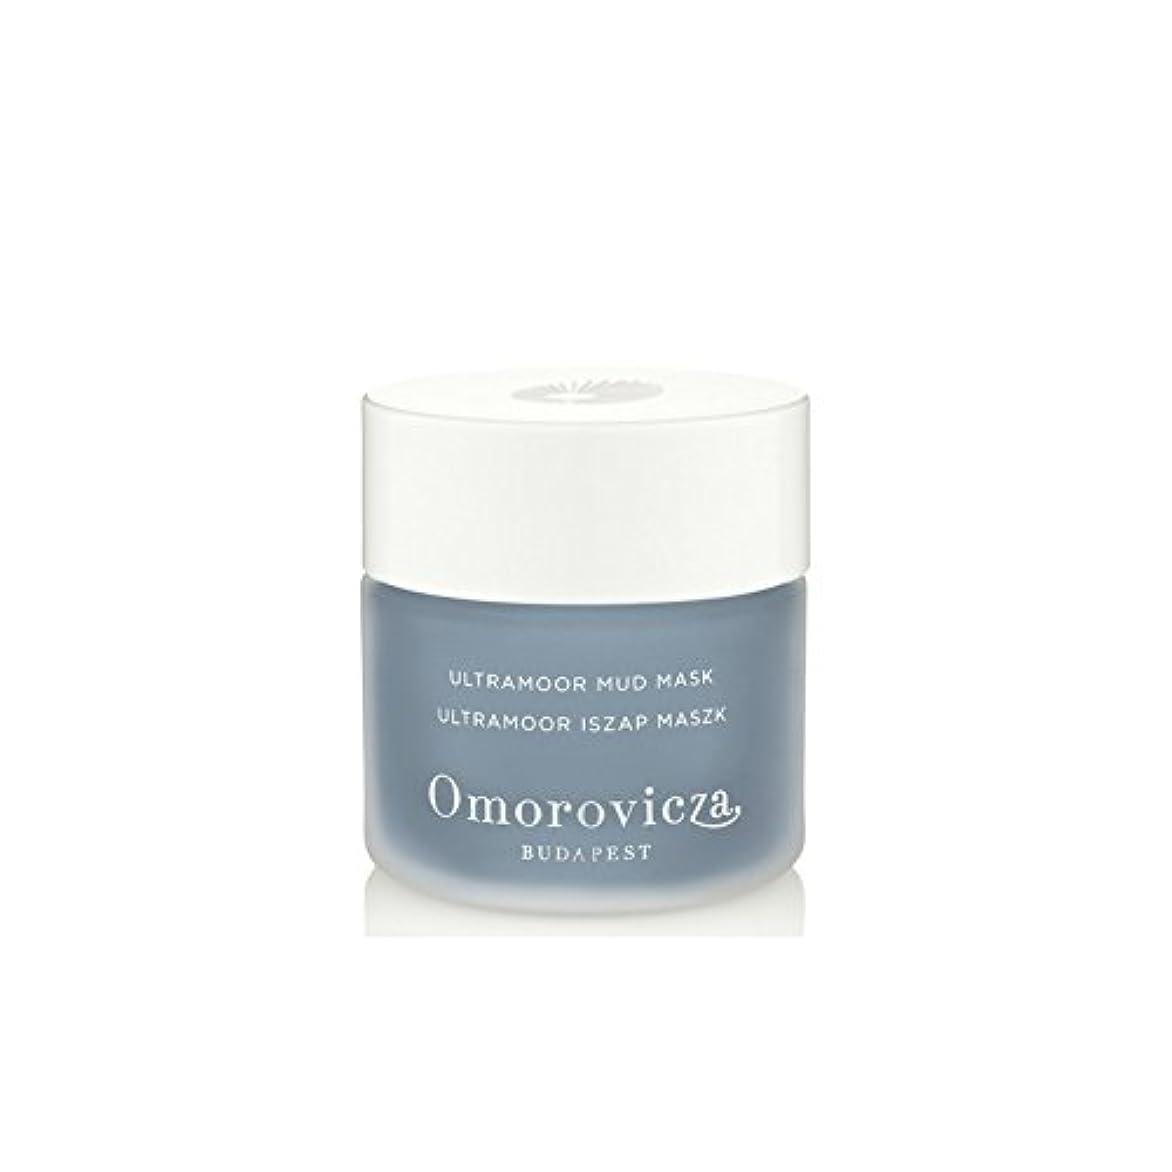 更新する議論する急降下泥マスク(50ミリリットル) x2 - Omorovicza Ultramoor Mud Mask (50ml) (Pack of 2) [並行輸入品]